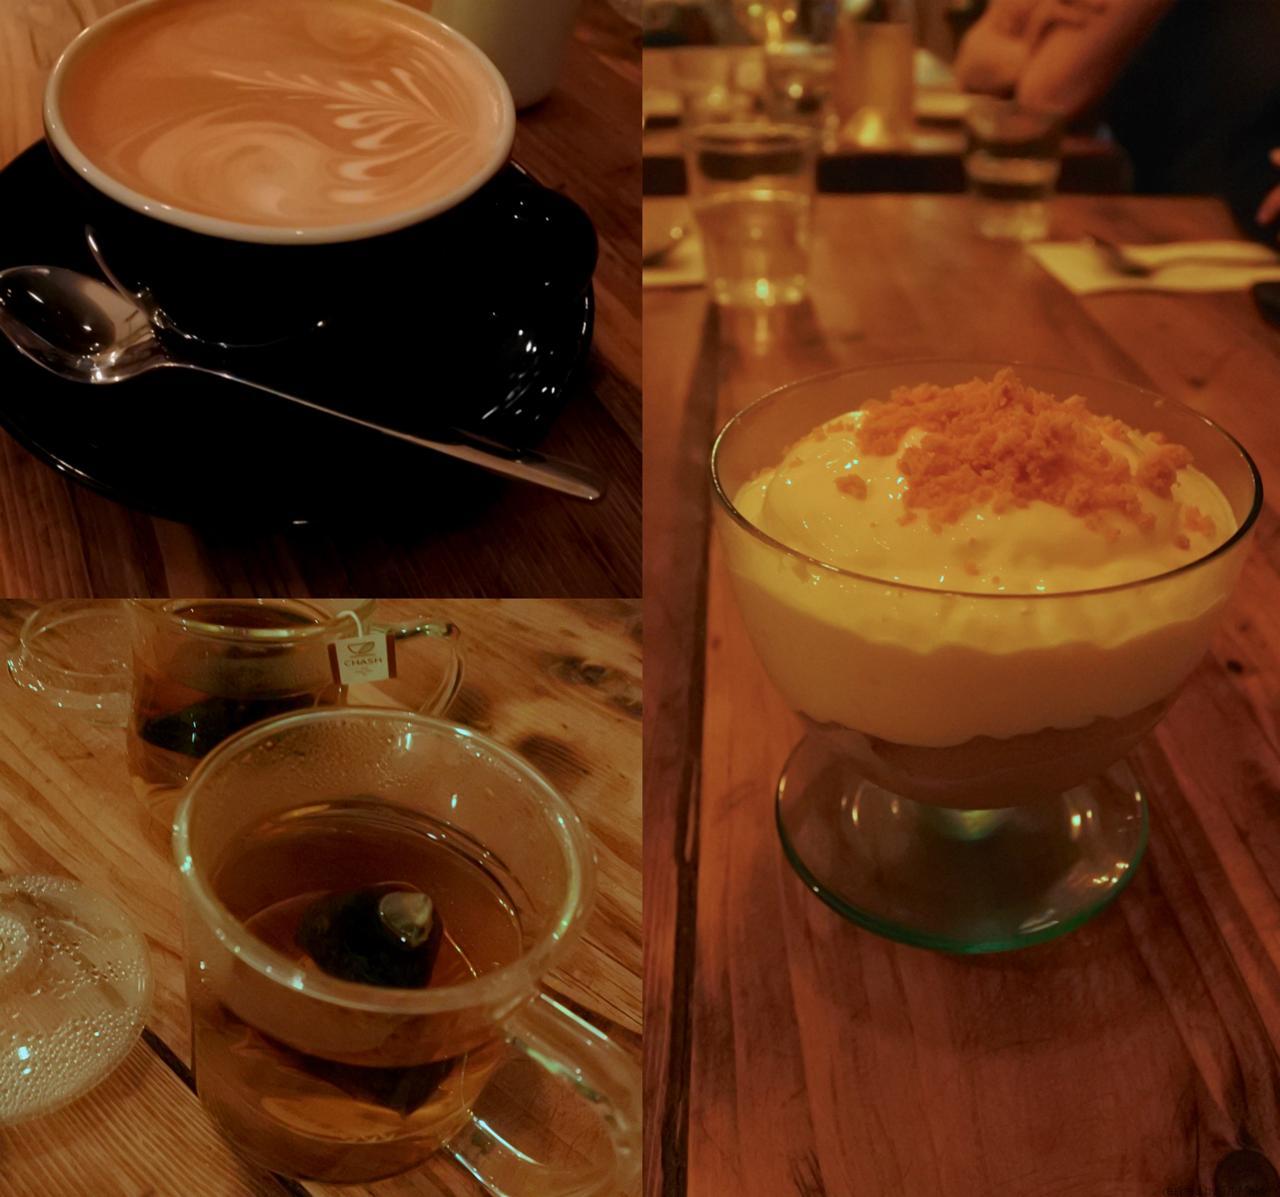 絶対にまた食べたいコーヒー・アイスクリーム